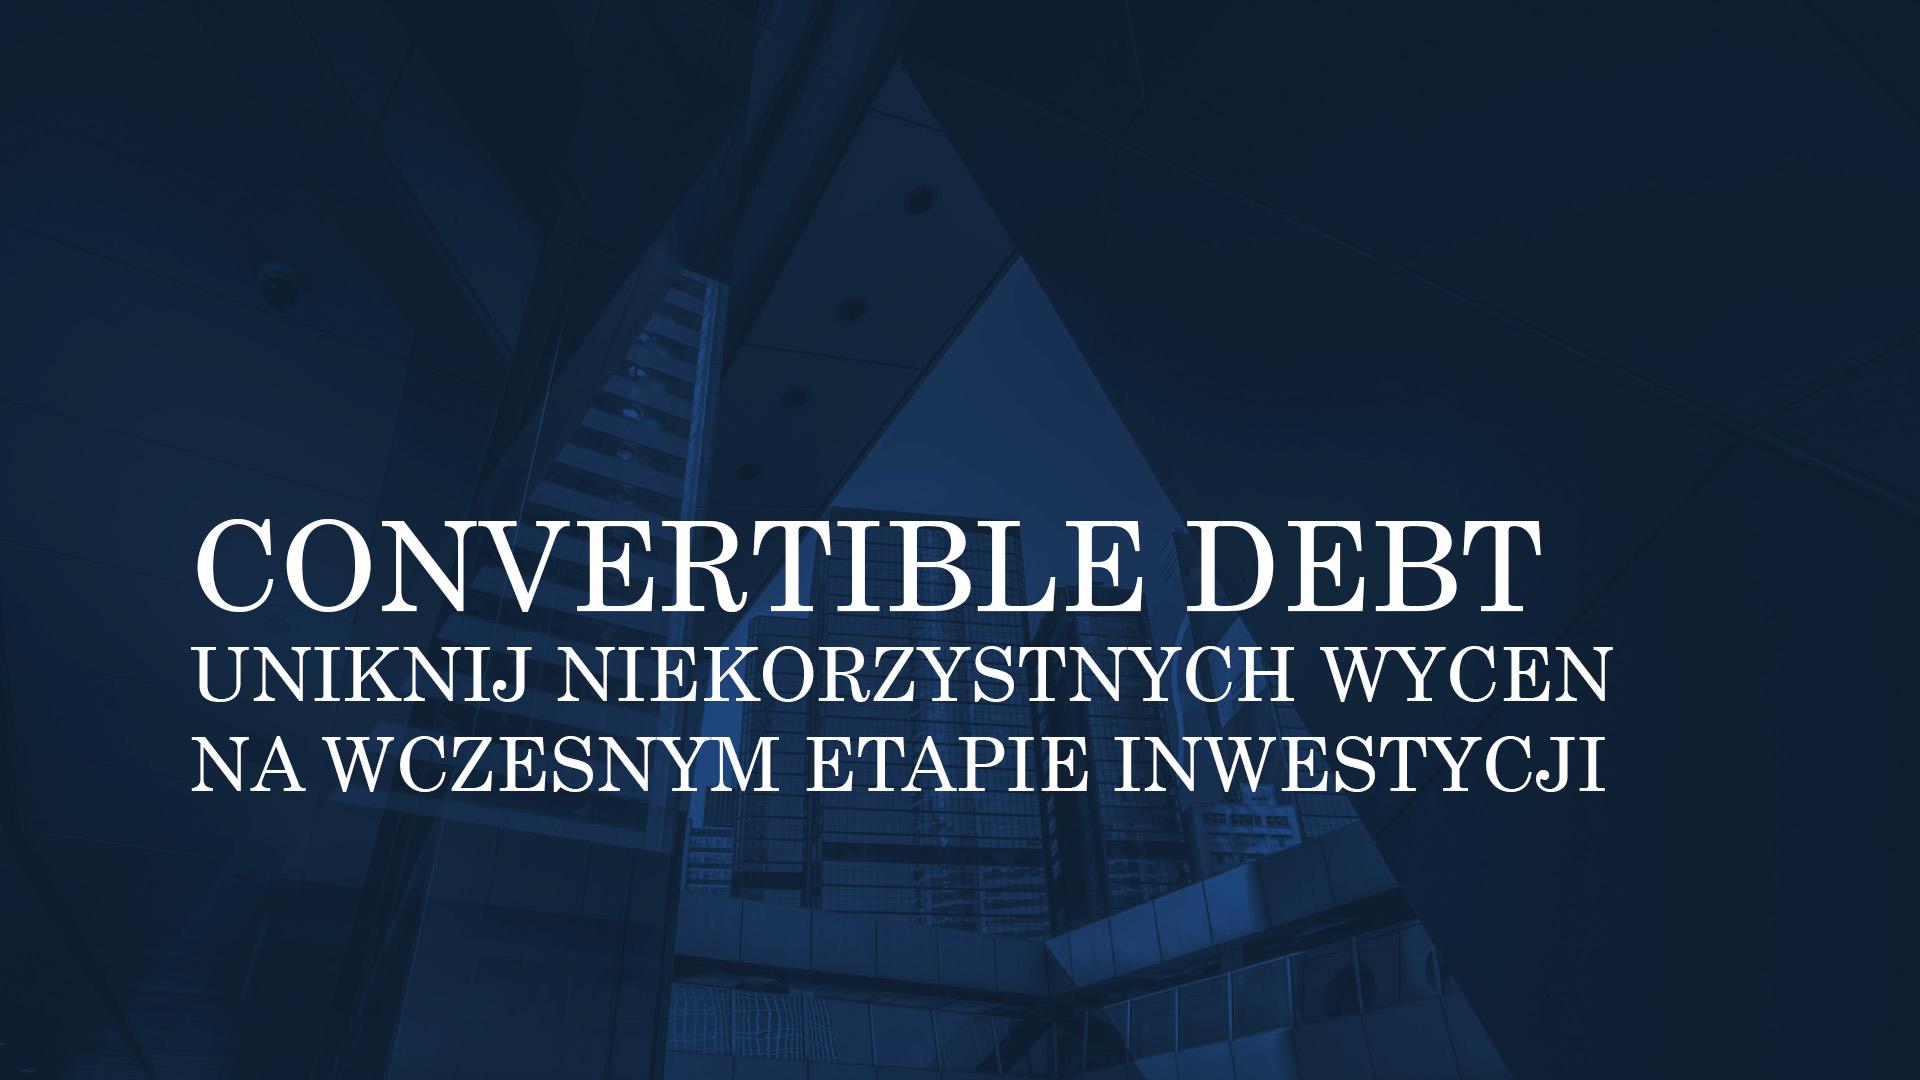 """WYKORZYSTANIE WPOLSCE """"CONVERTIBLE DEBT"""". UNIKNIJ NIEKORZYSTNYCH WYCEN SPÓŁKI NAWCZESNYM ETAPIE INWESTYCJI"""